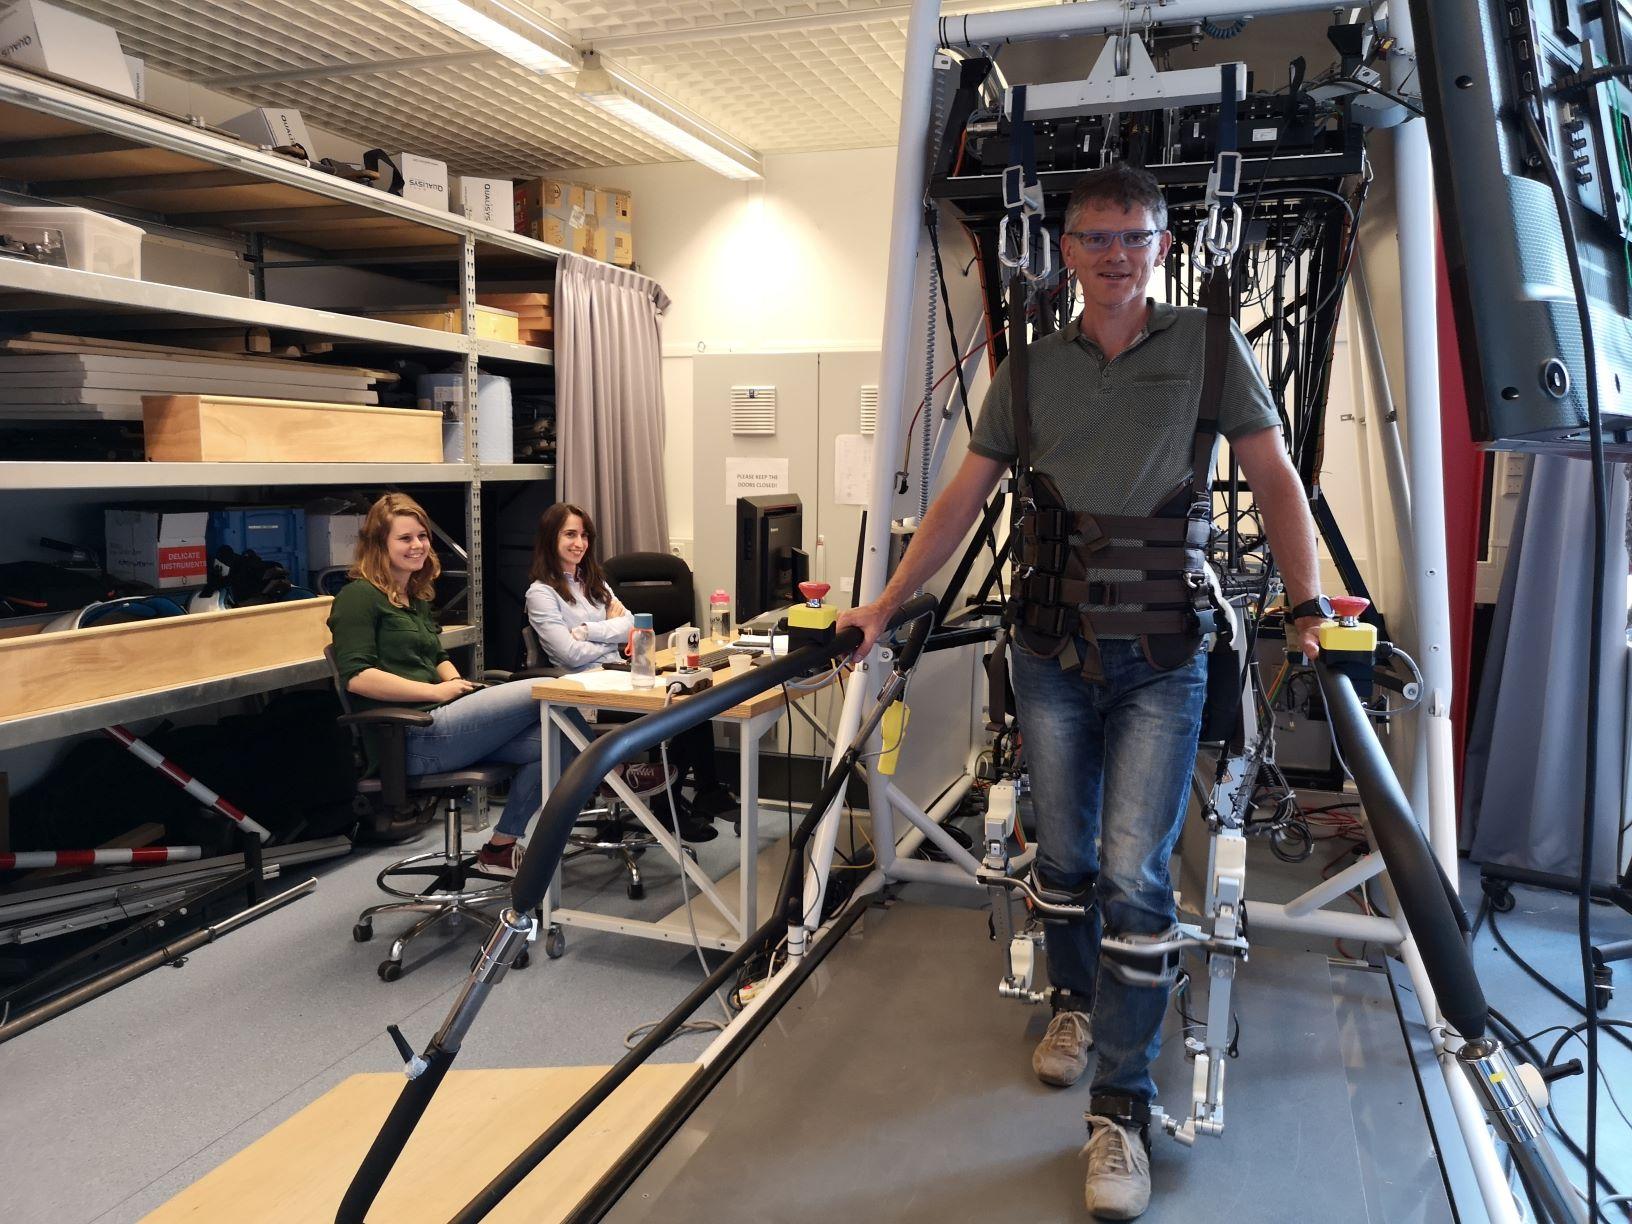 Švicarsko podjetje HOCOMA AG je v okviru projekta TERRINet začrtalo nov razvojni trend na področju rehabilitacije gibanja